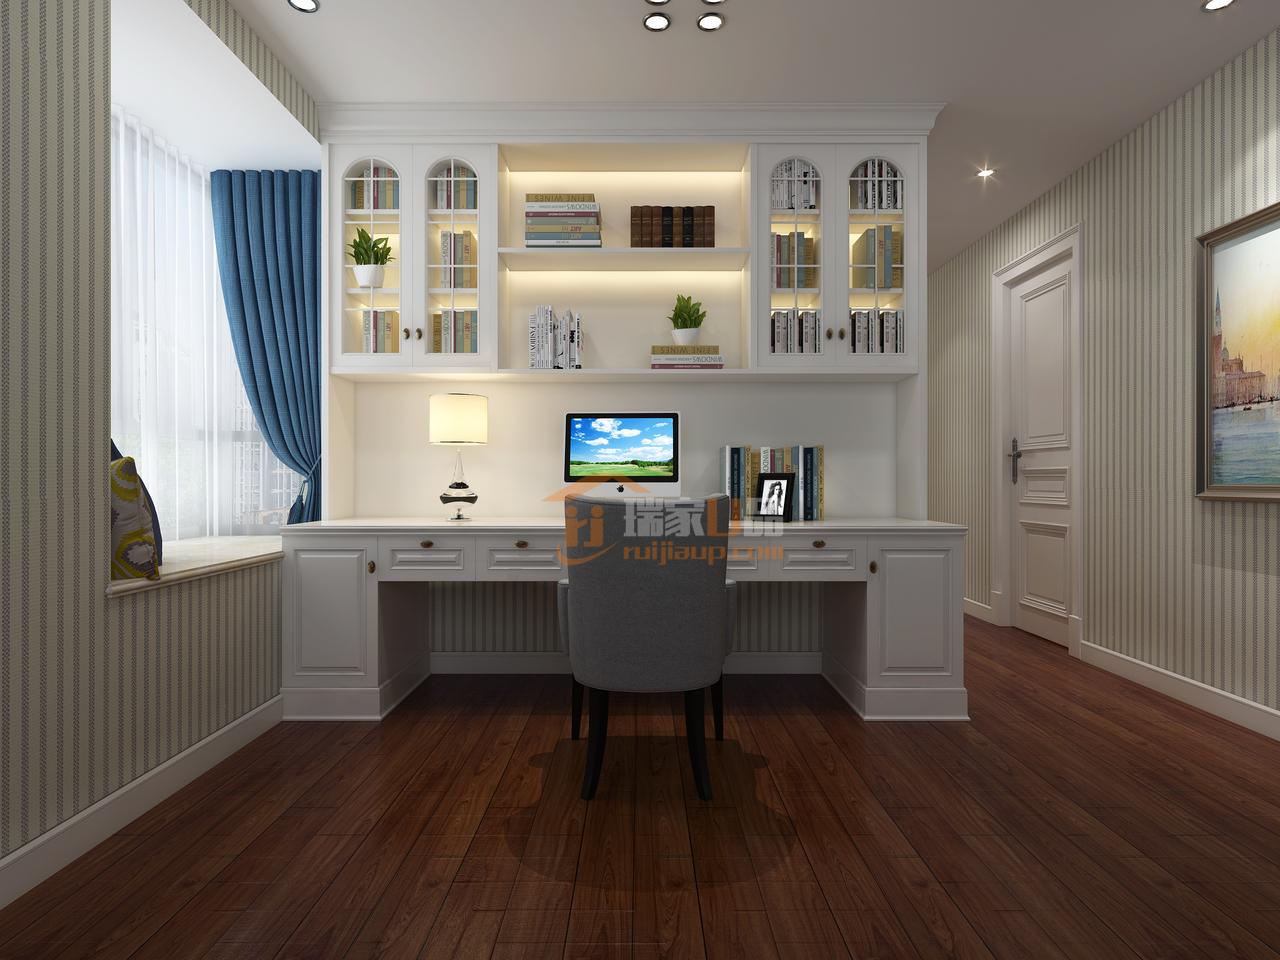 贵阳天誉城意在营造舒适、大方居家氛围的简美式装修效果图,,,180.0㎡